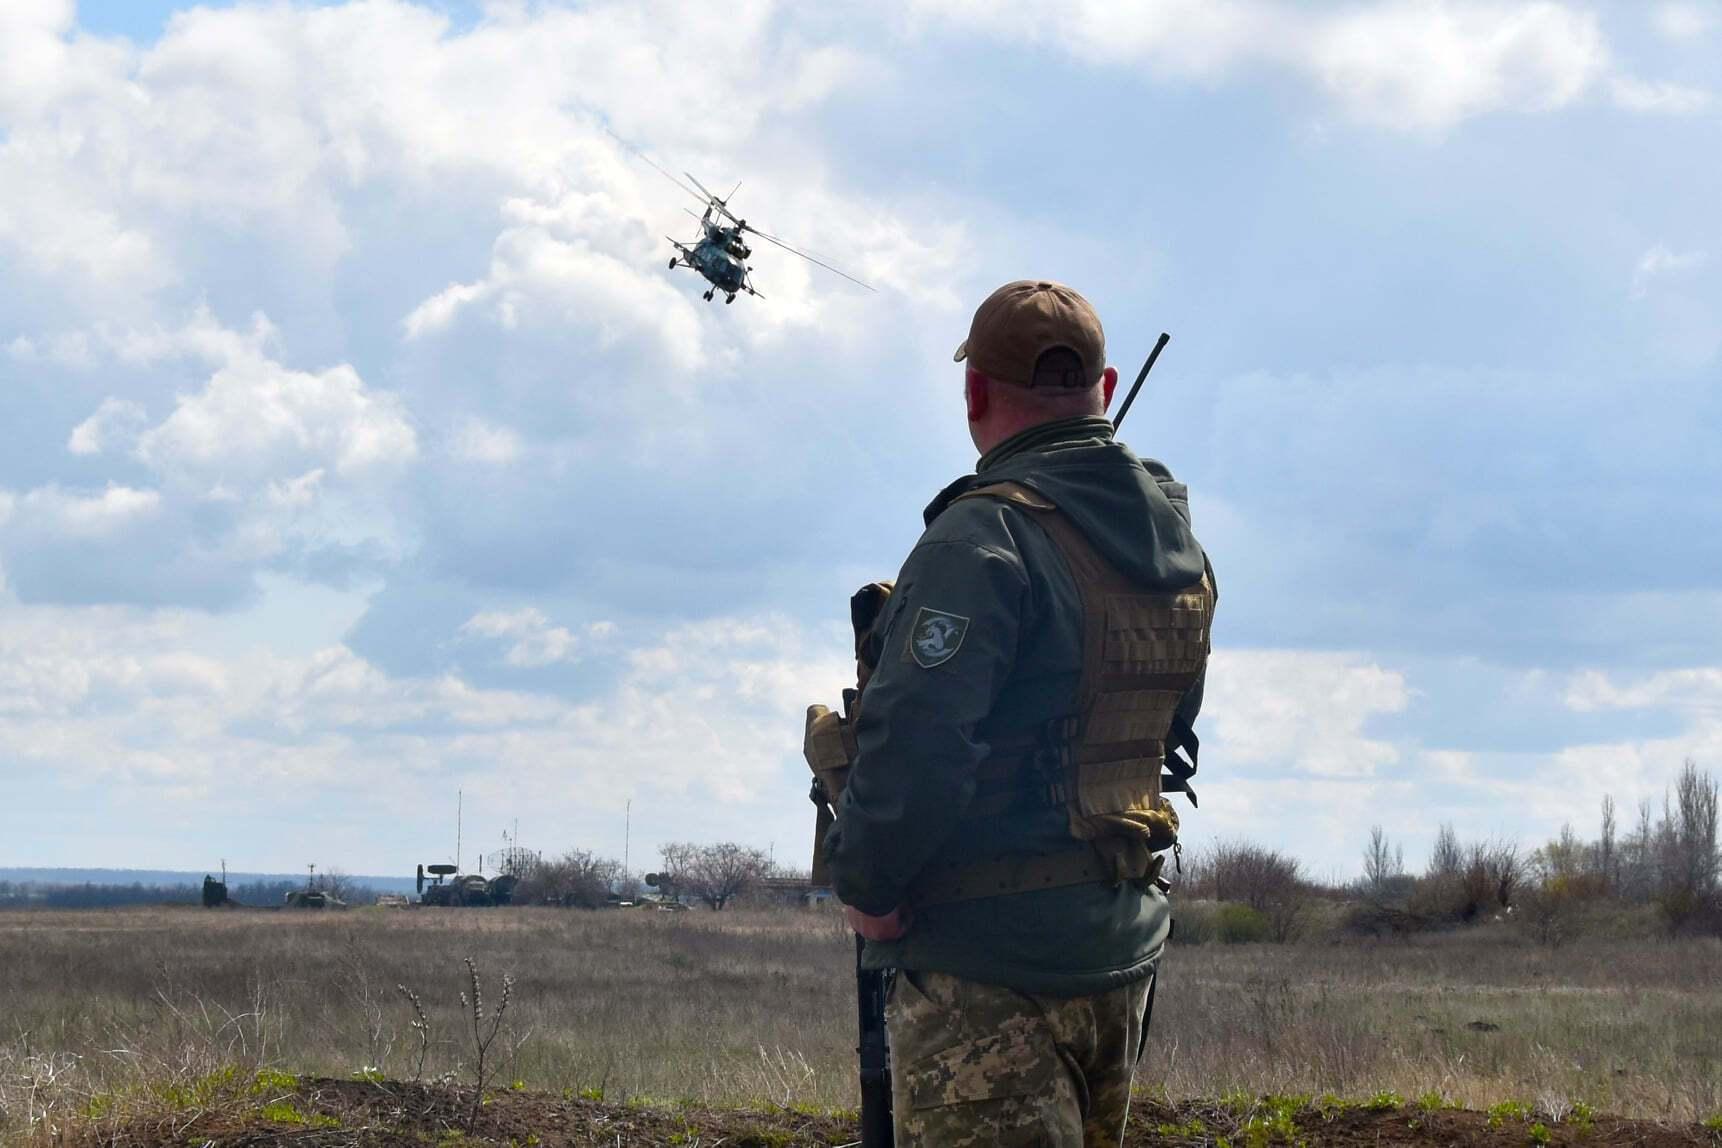 В учениях в зоне ООС участвовали передовые авианаводчики и группы боевого управления вертолетов